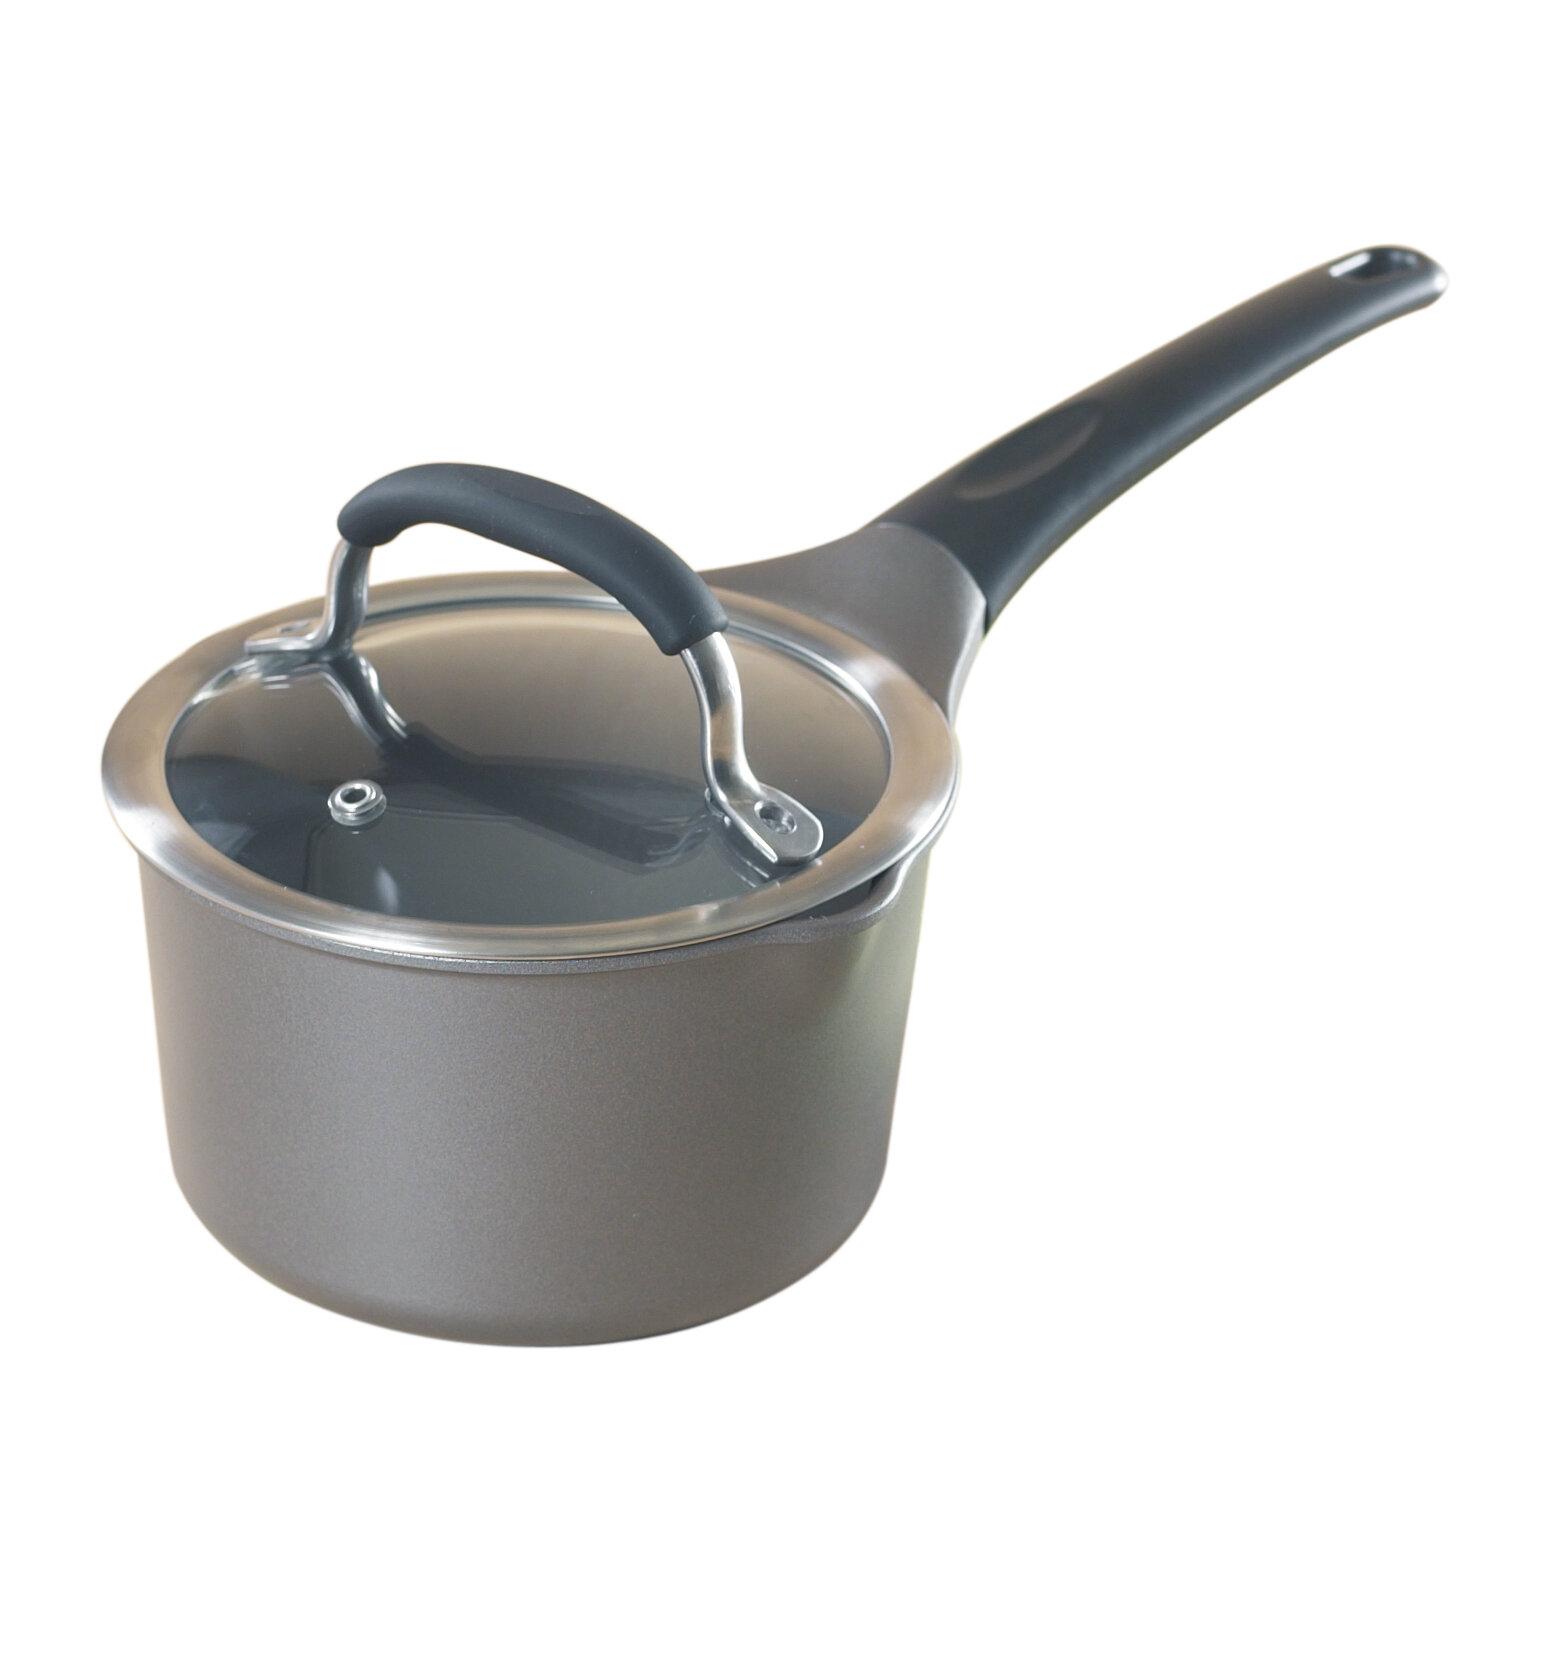 Nordic Ware 1 5 Qt Sauce Pan With Lid Wayfair